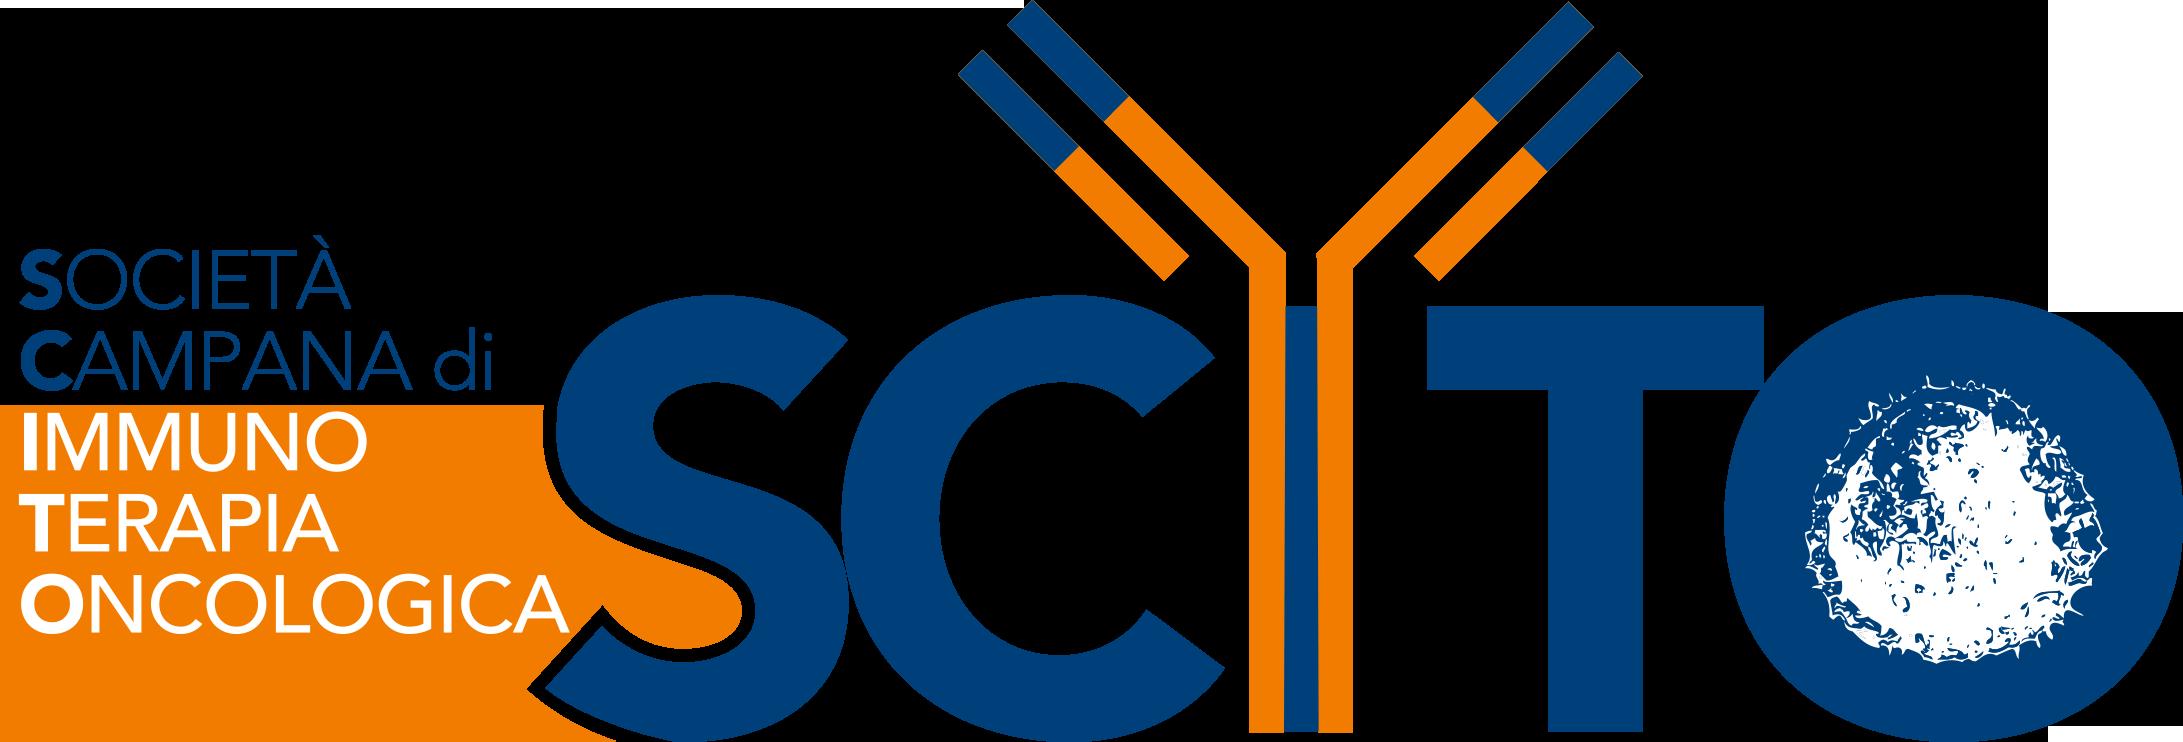 Società Campana di Immunoterapia Oncologica